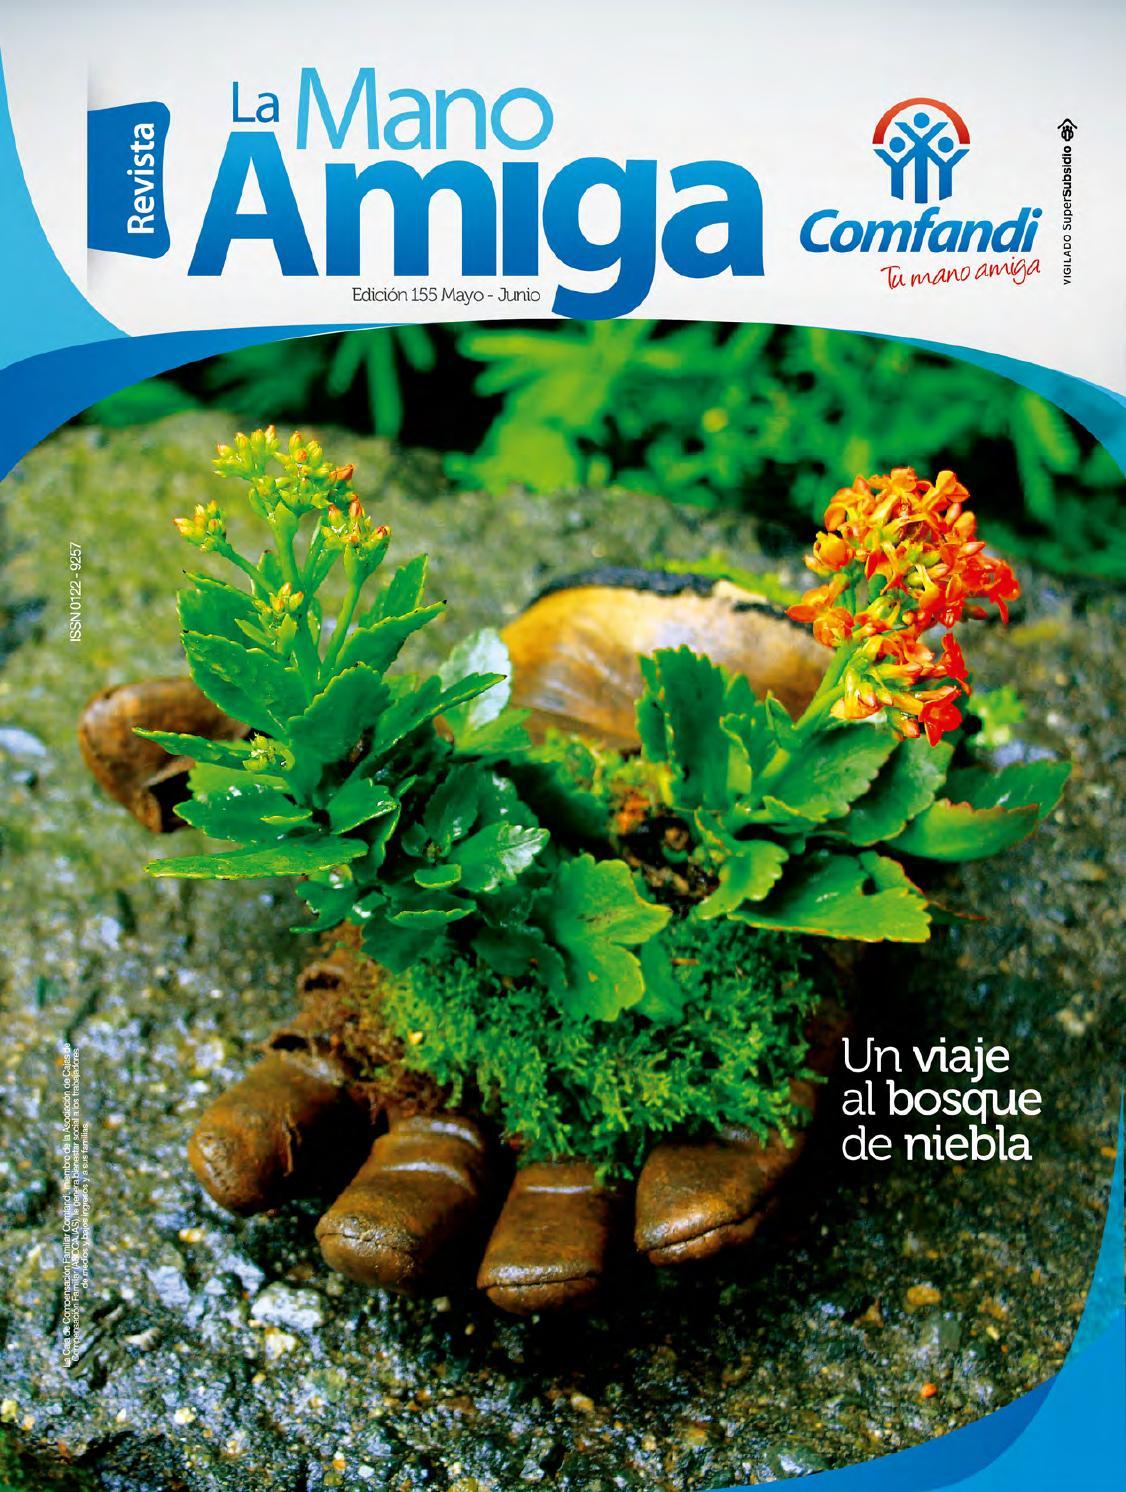 Revista La Mano Amiga Comfandi May Jun 2015 By Comfandi Caja De  # Muebles Lozano Buga